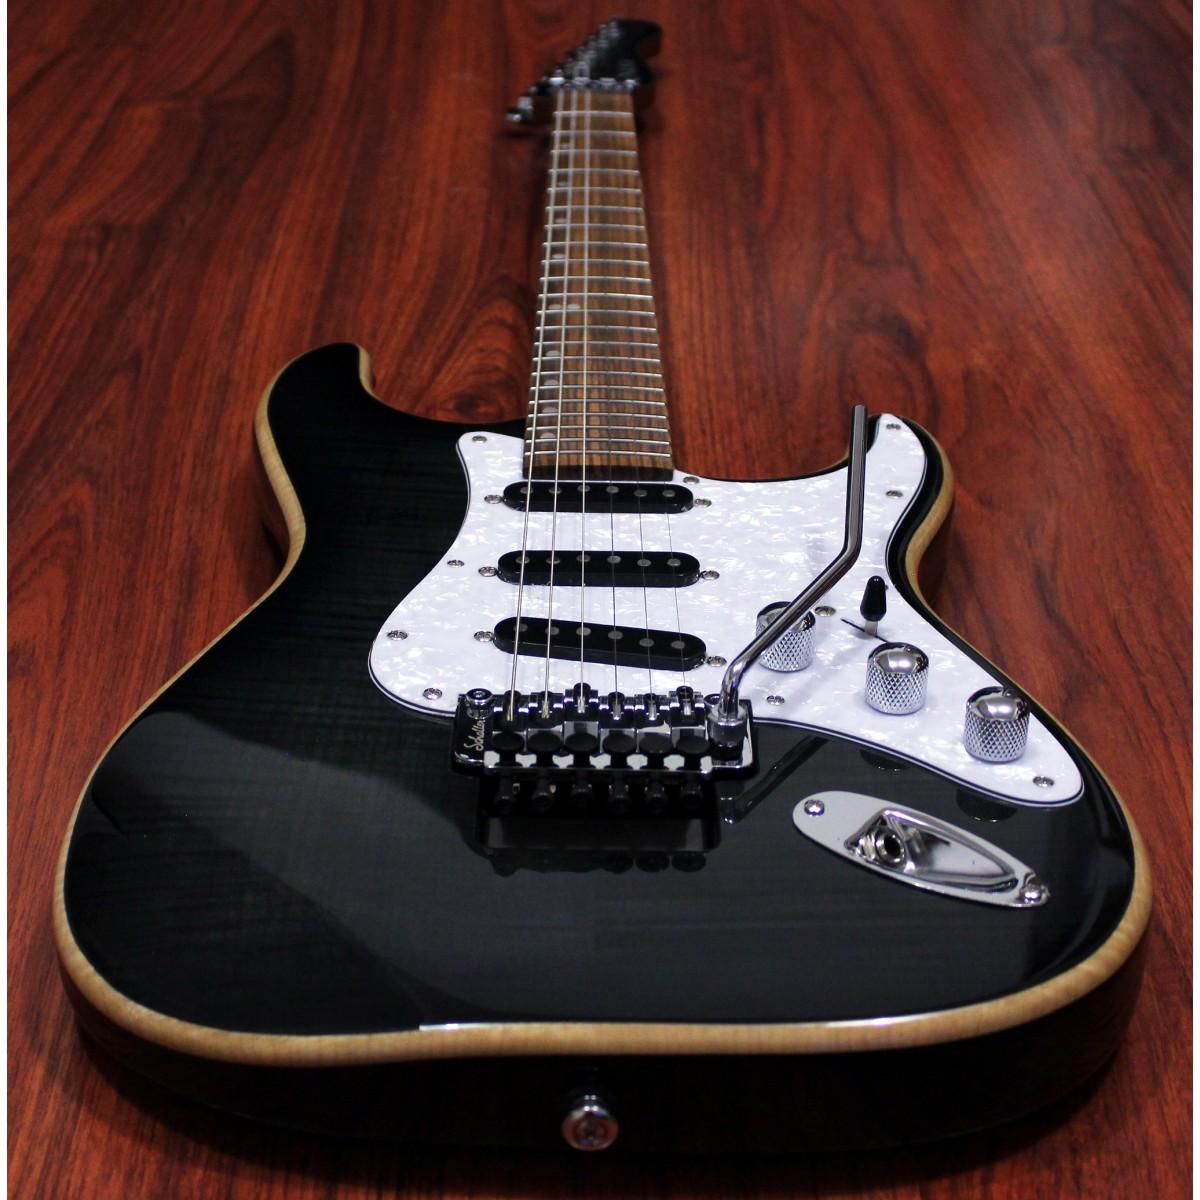 clarus 6 string scalloped fretboard guitar. Black Bedroom Furniture Sets. Home Design Ideas